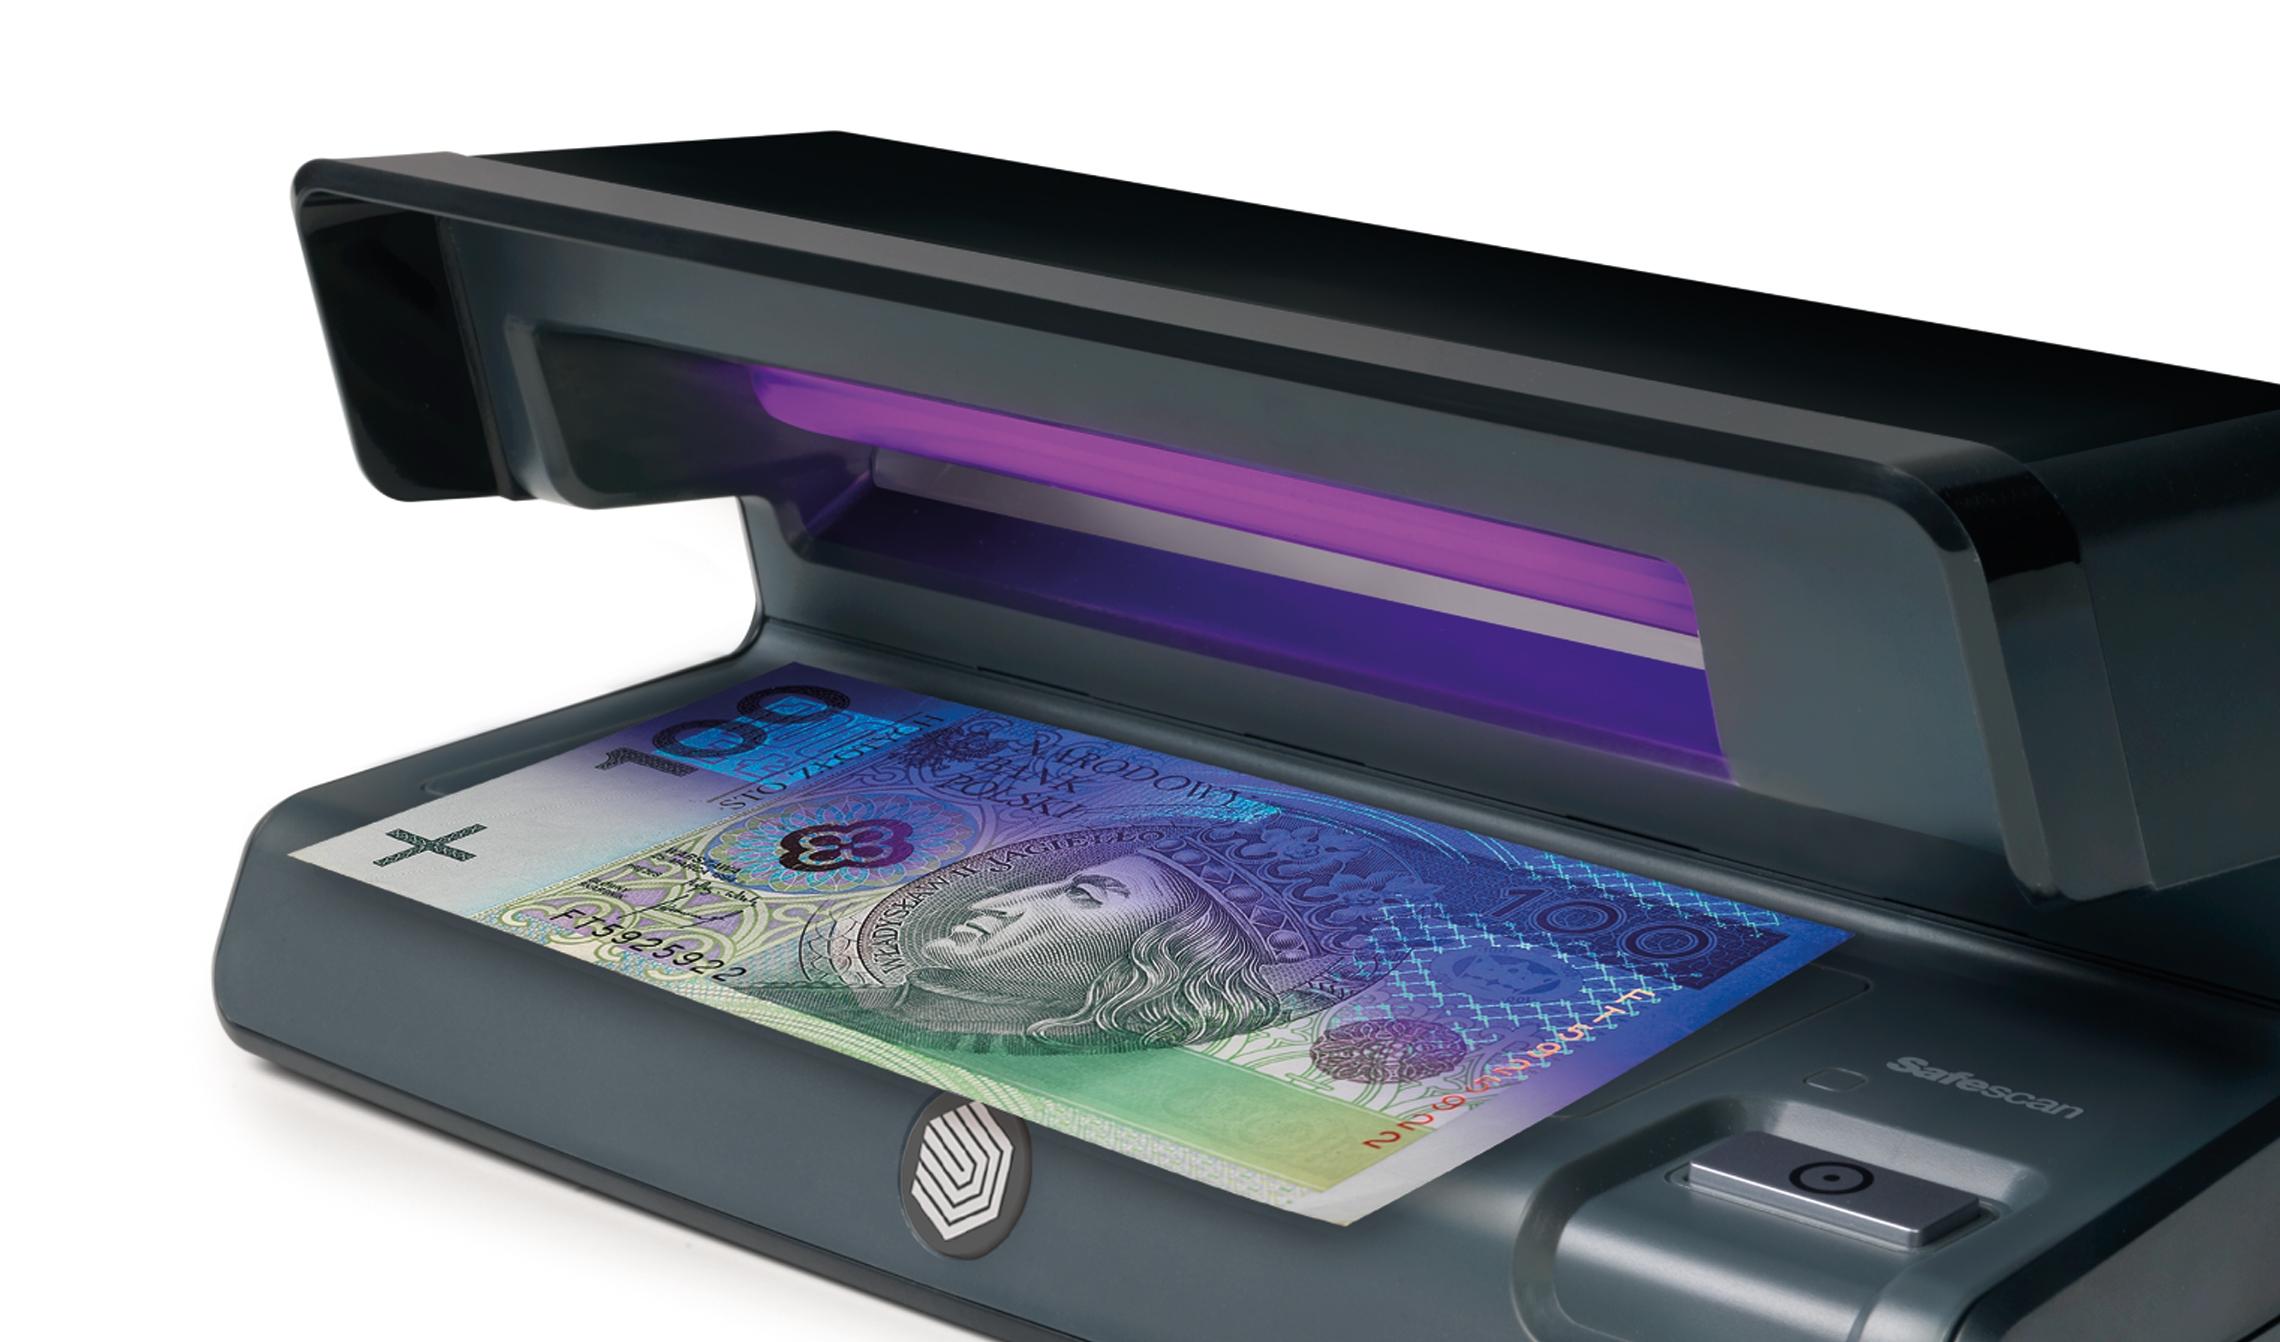 safescan-50-wykrywa-sfalszowane-pieniadze